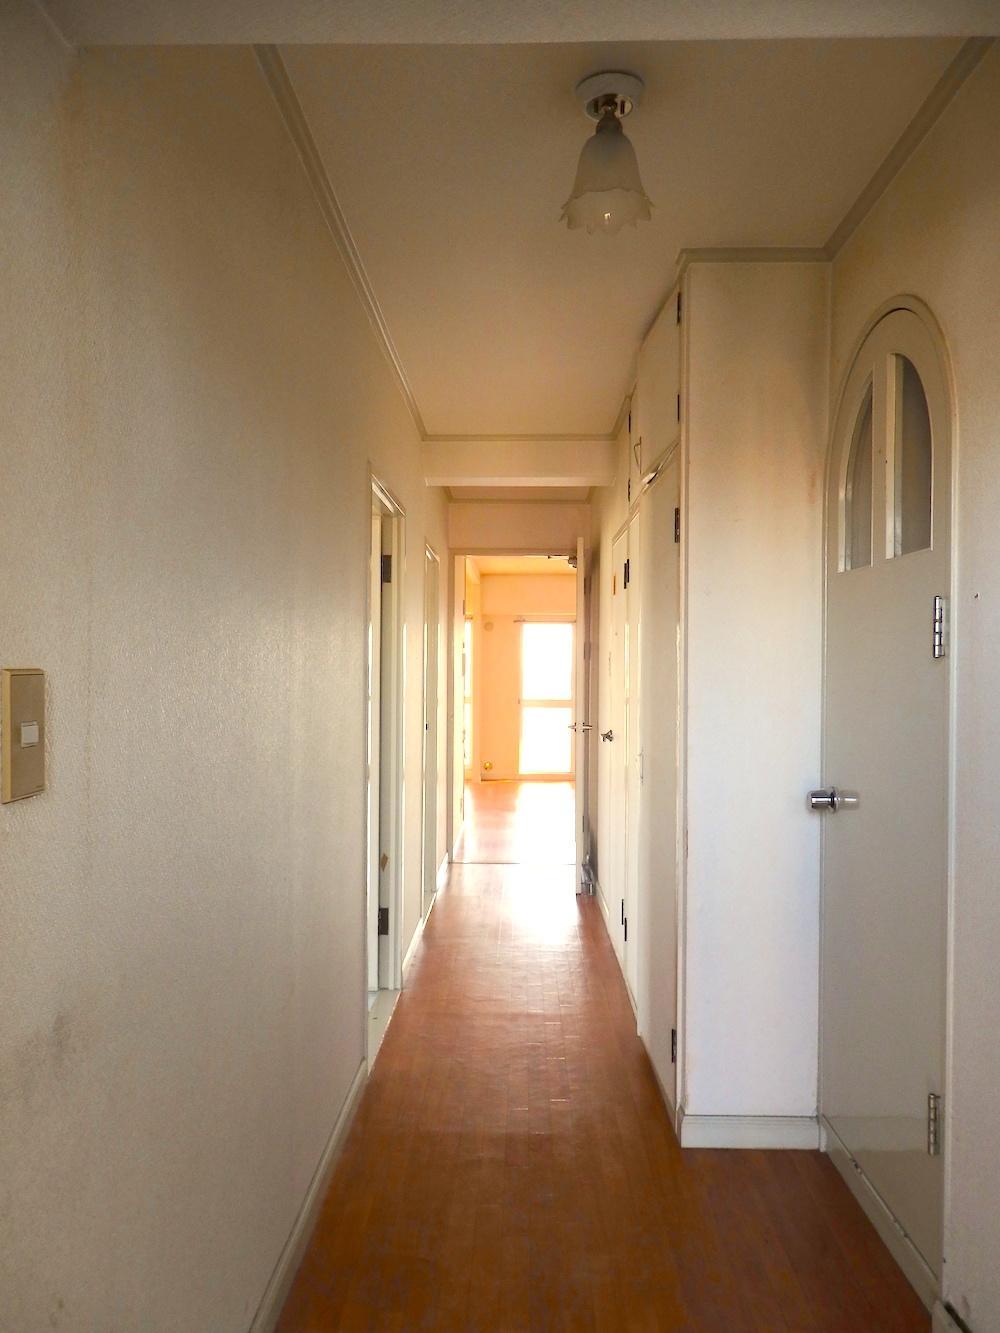 玄関を入ったところ。右手、脱衣所に入るアール建具が唯一残せそうなポイント